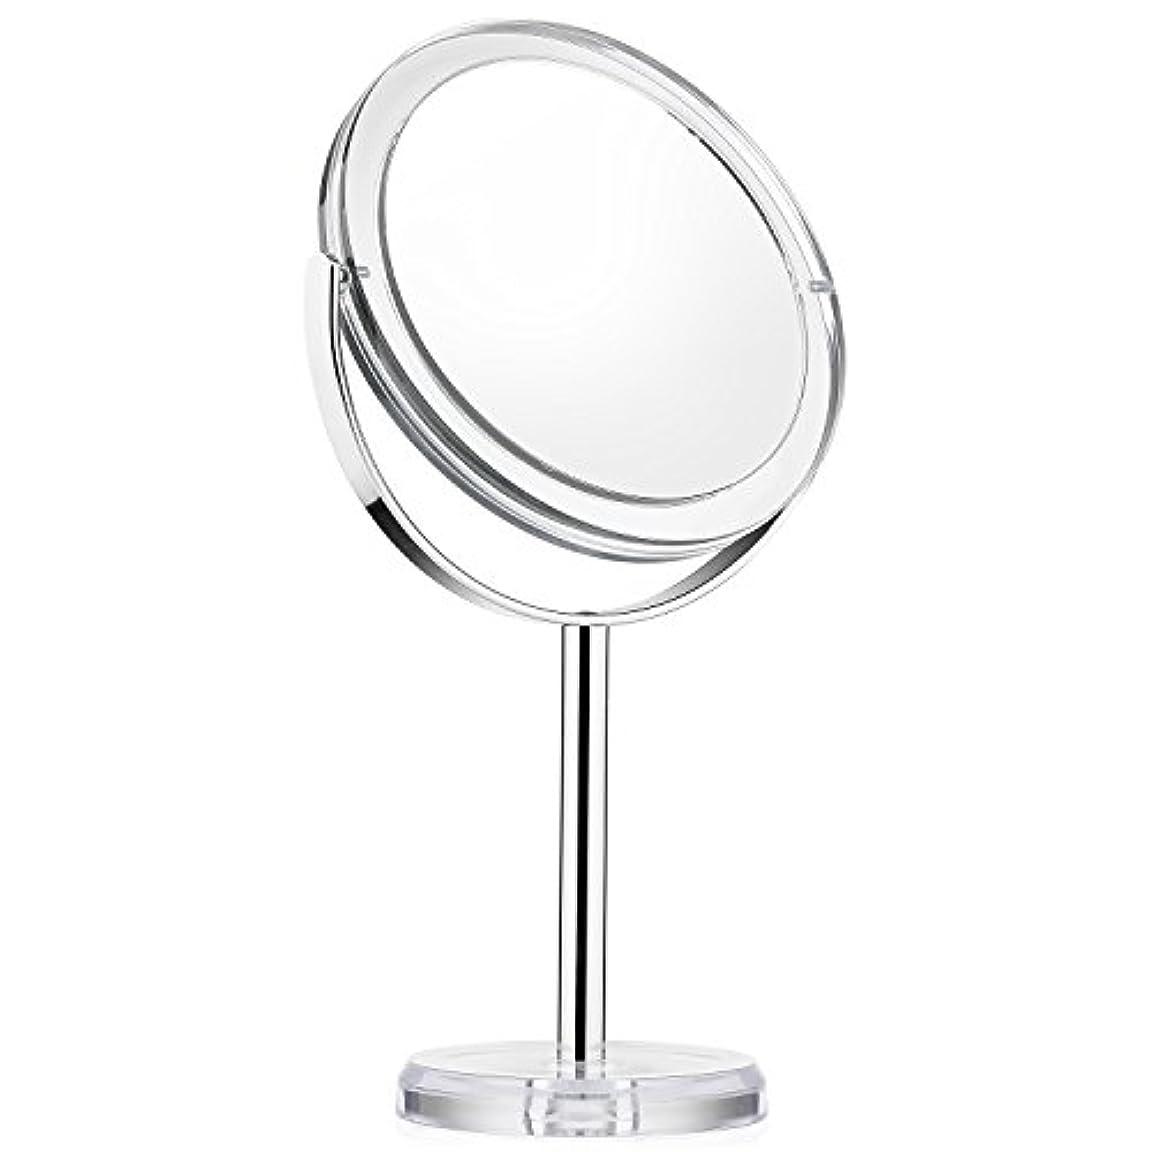 床を掃除する低下パンフレット化粧ミラー Beautifive 鏡 卓上 化粧鏡 メイクミラー 卓上ミラー スタンドミラー卓上 等倍卓上両面鏡 卓上鏡 7倍拡大スタンドミラー 360°回転可 光学レズン高解像度